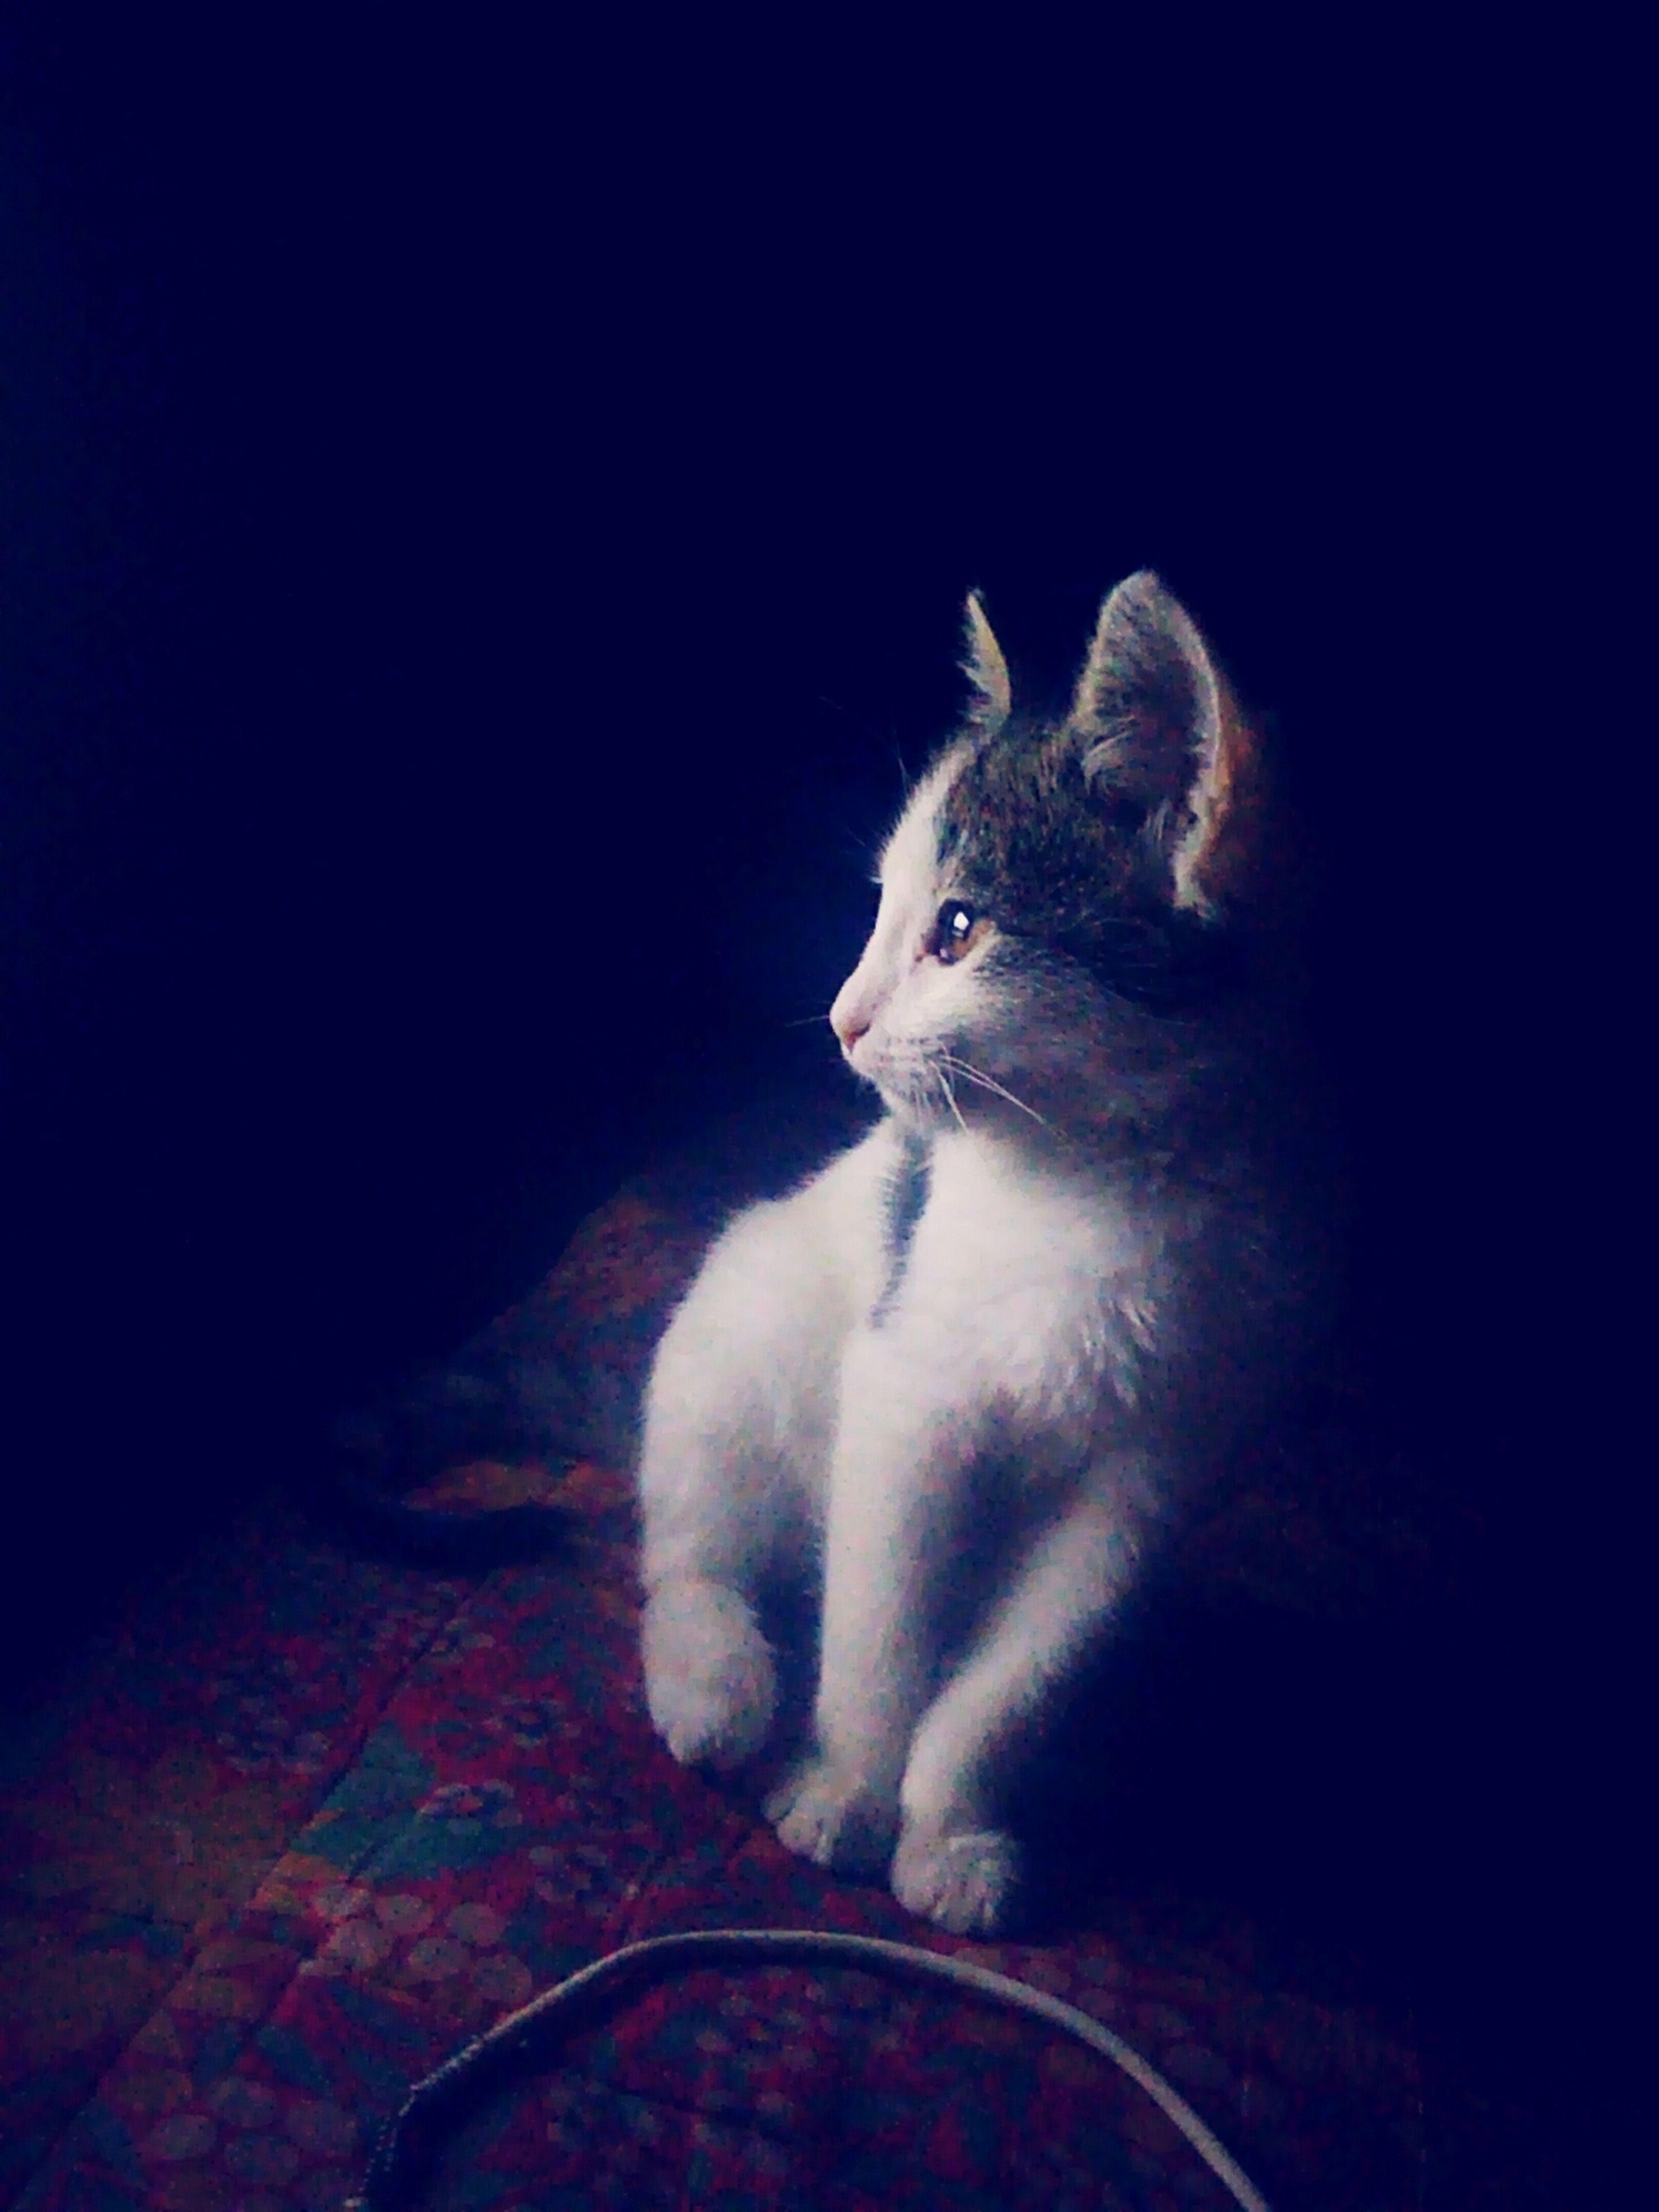 Ночь просмотрфильмов Алиса внимательность Взгляд  прелесть любимка